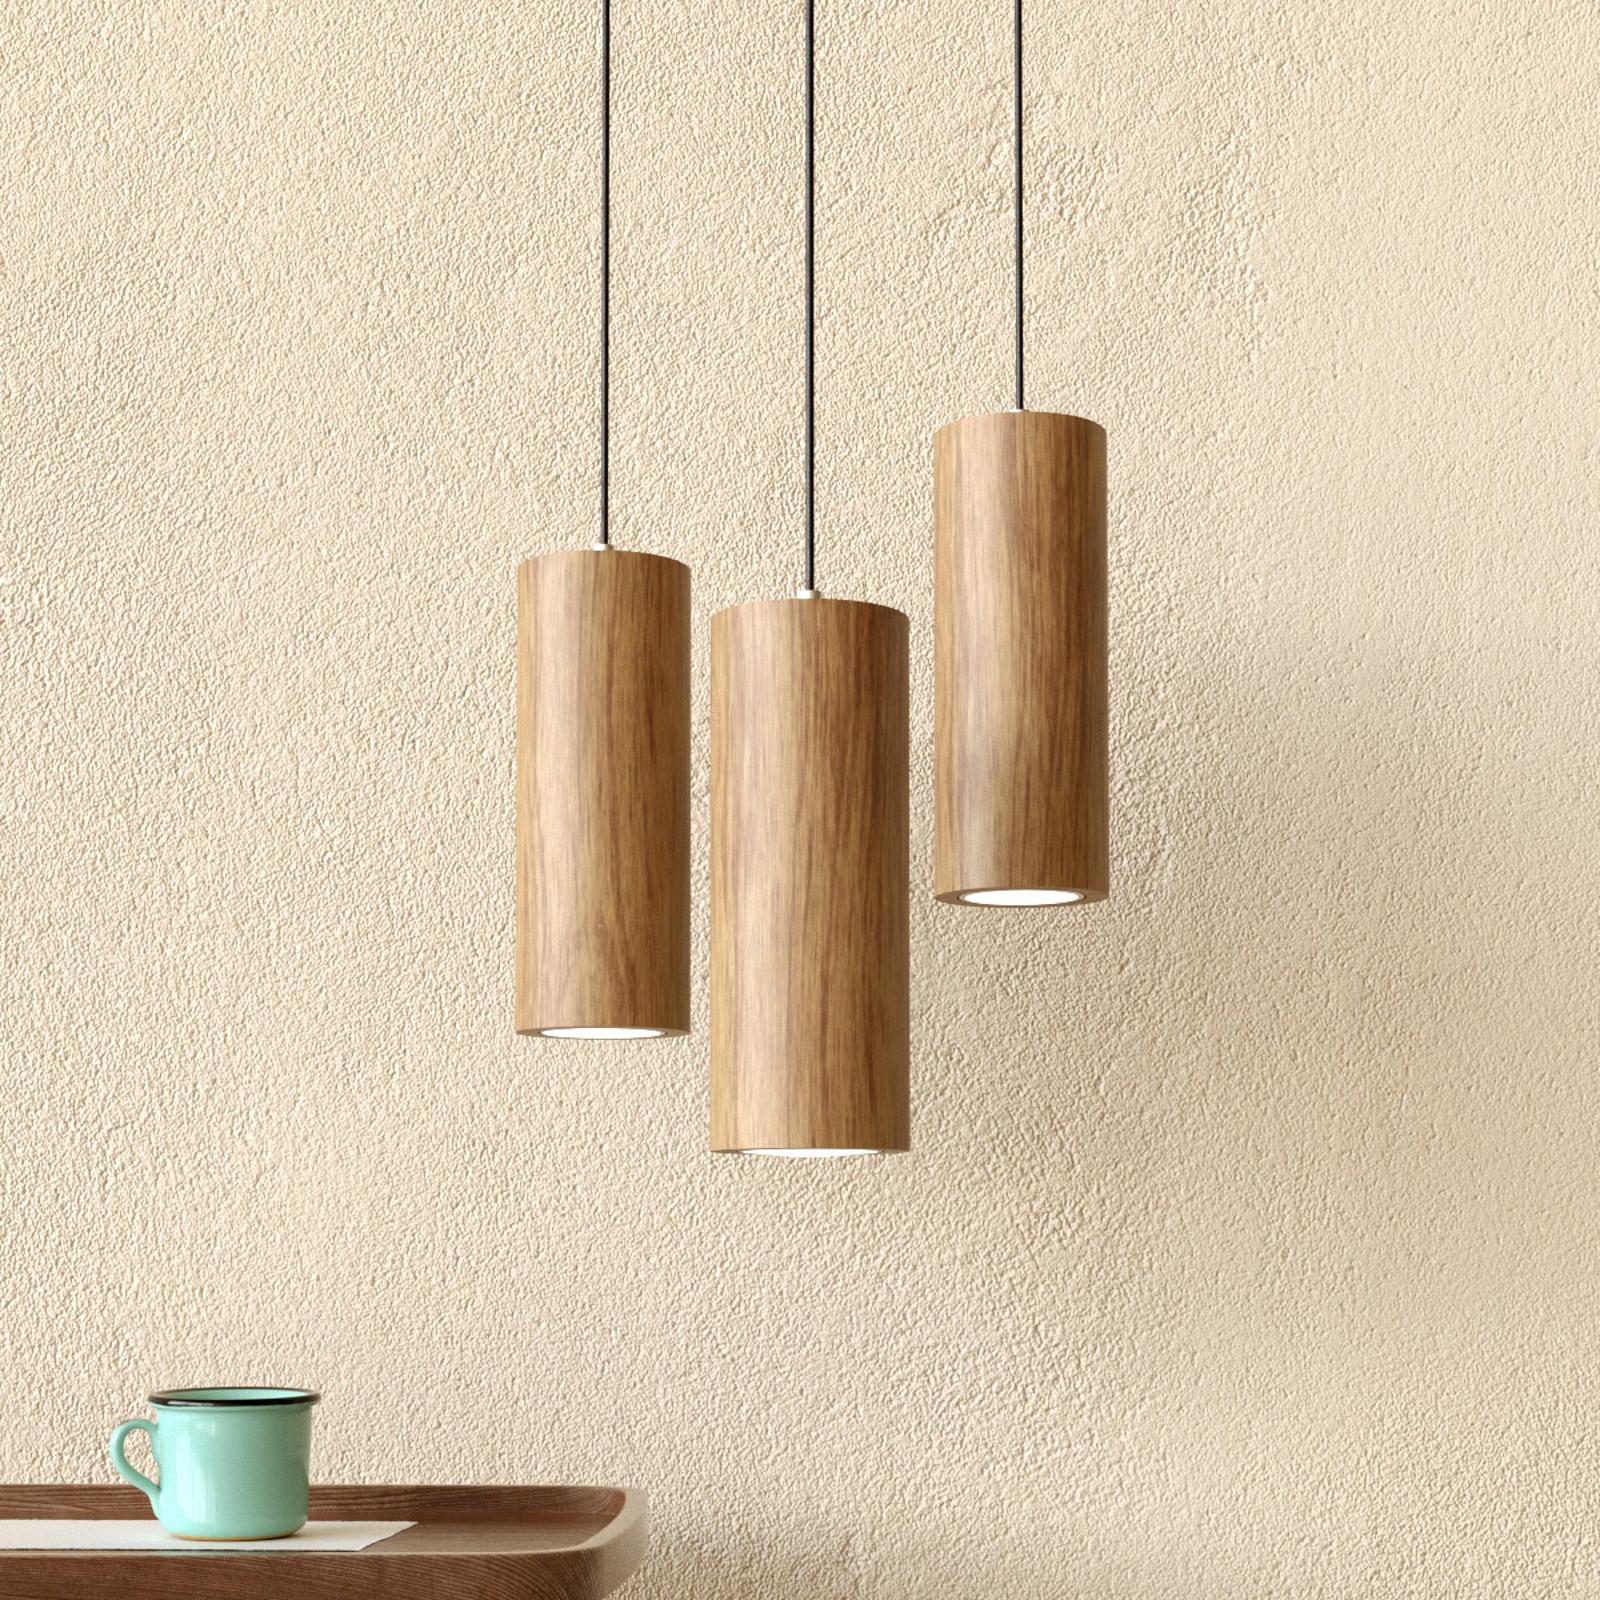 Kolmilamppuinen LED-riippuvalaisin Pipe tammea